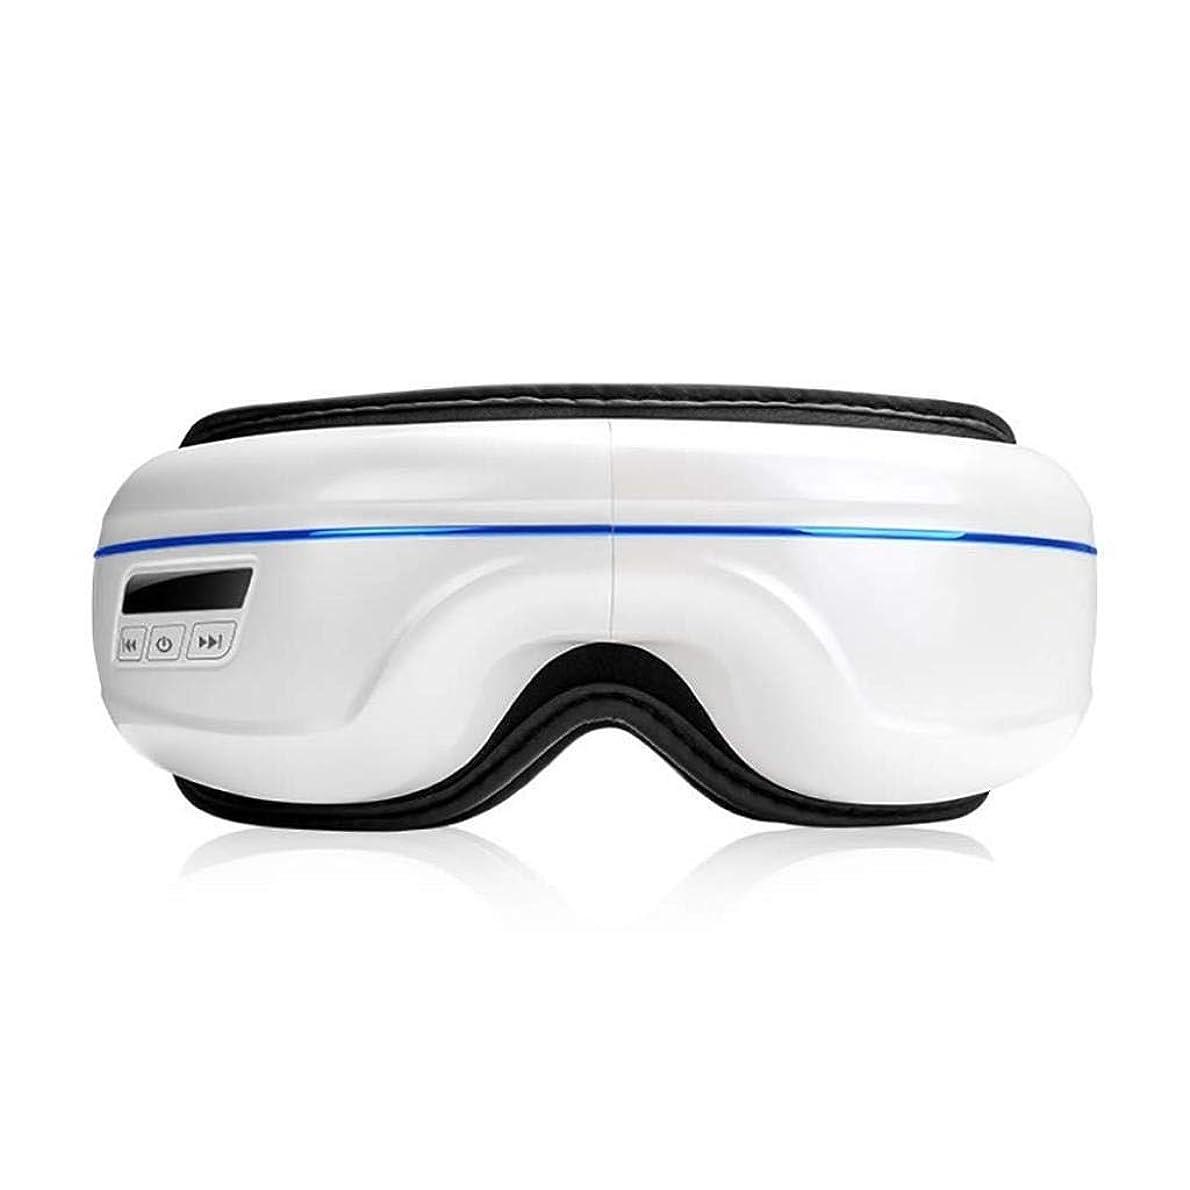 地殻追跡宇宙電動アイマッサージャー、アイバッグ、ダークサークル、目の疲労、ドライアイ用